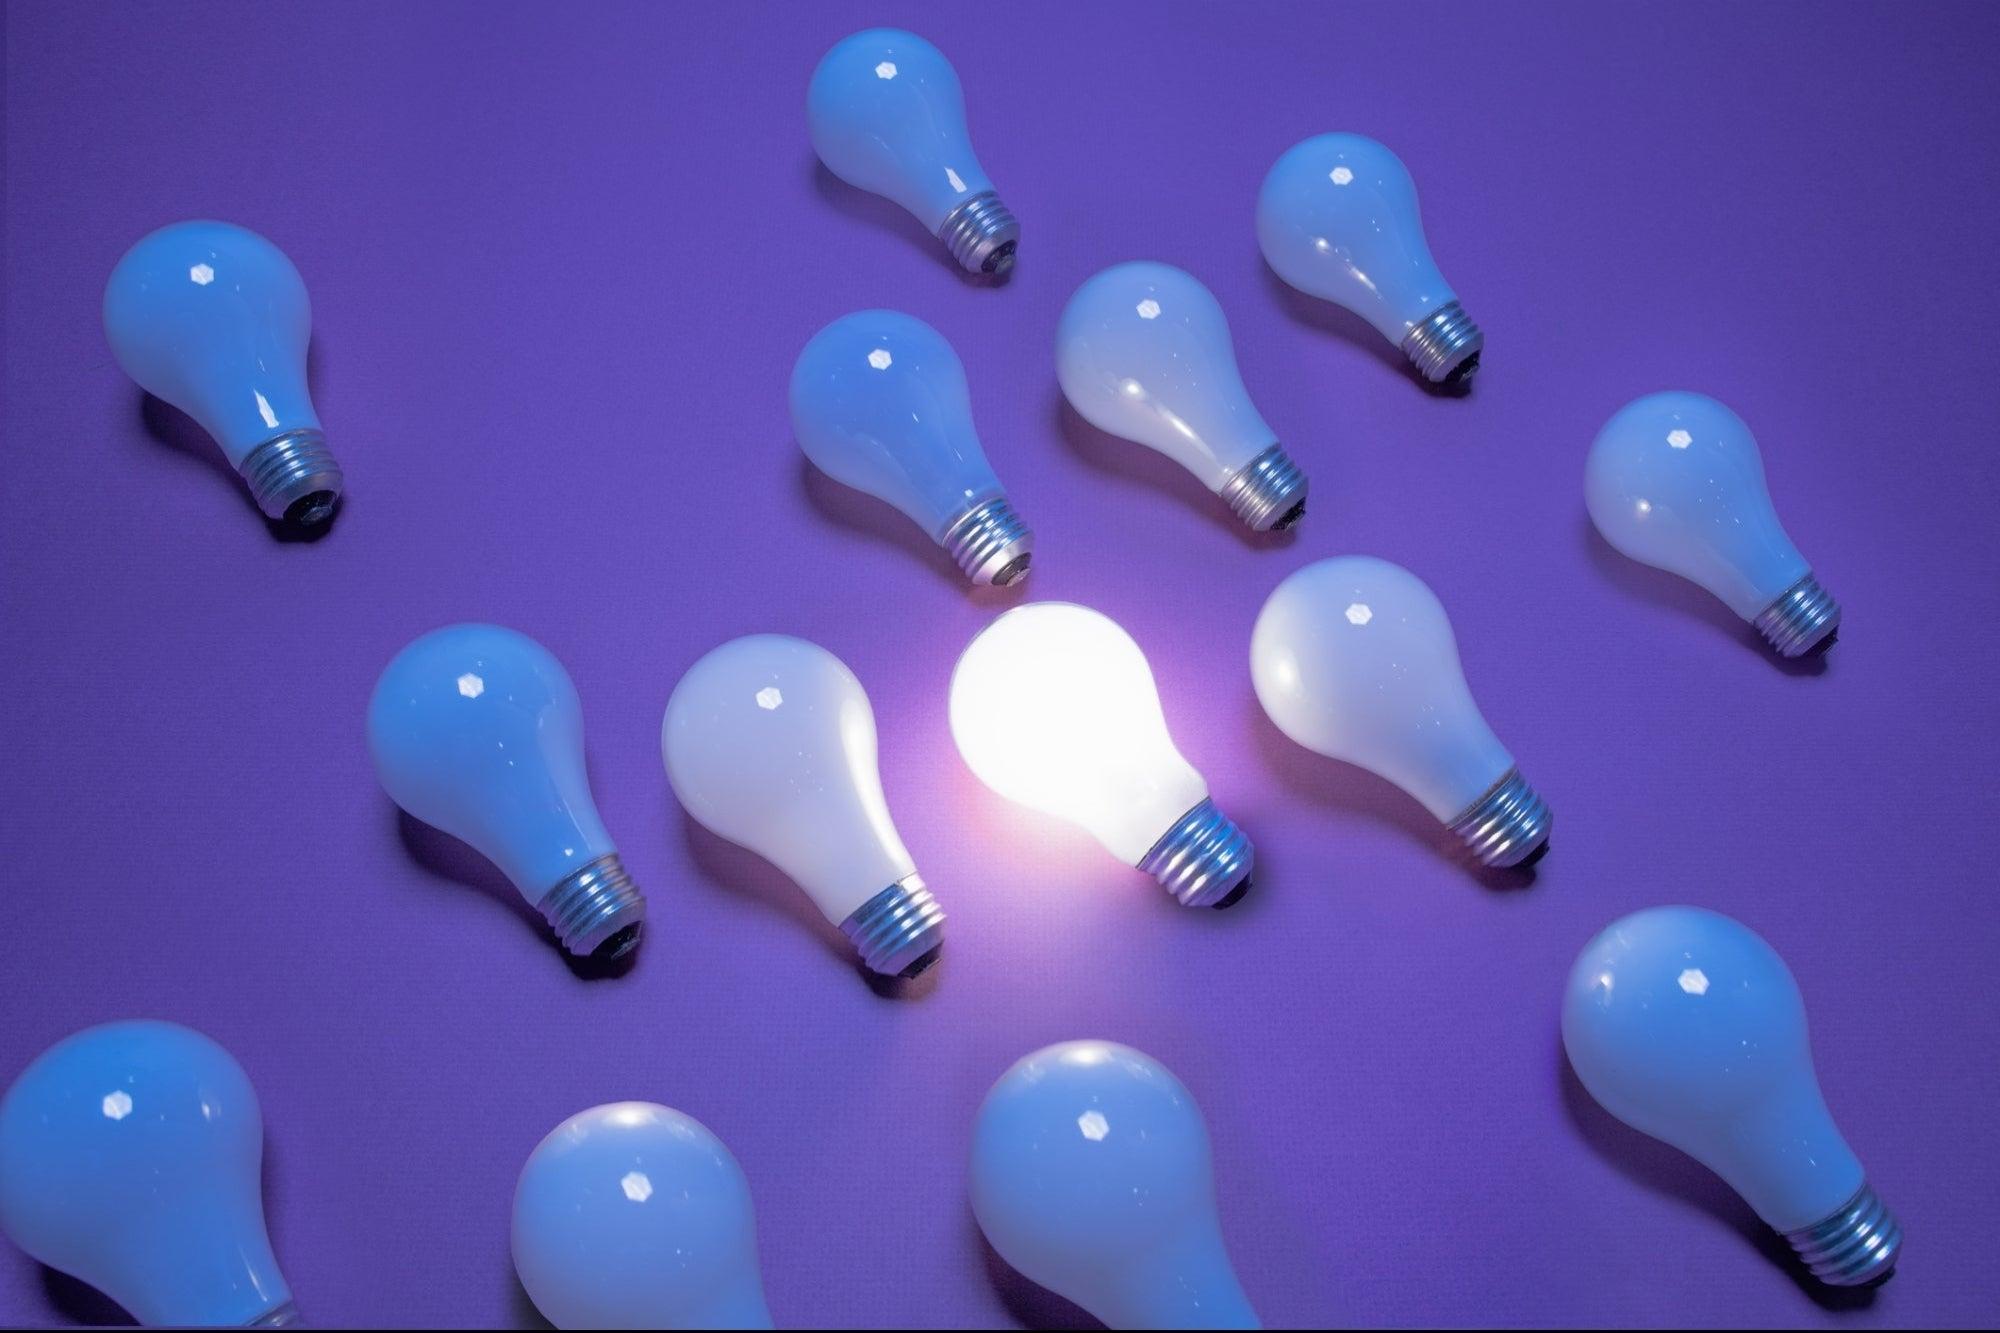 Cómo convertir tu idea en un negocio